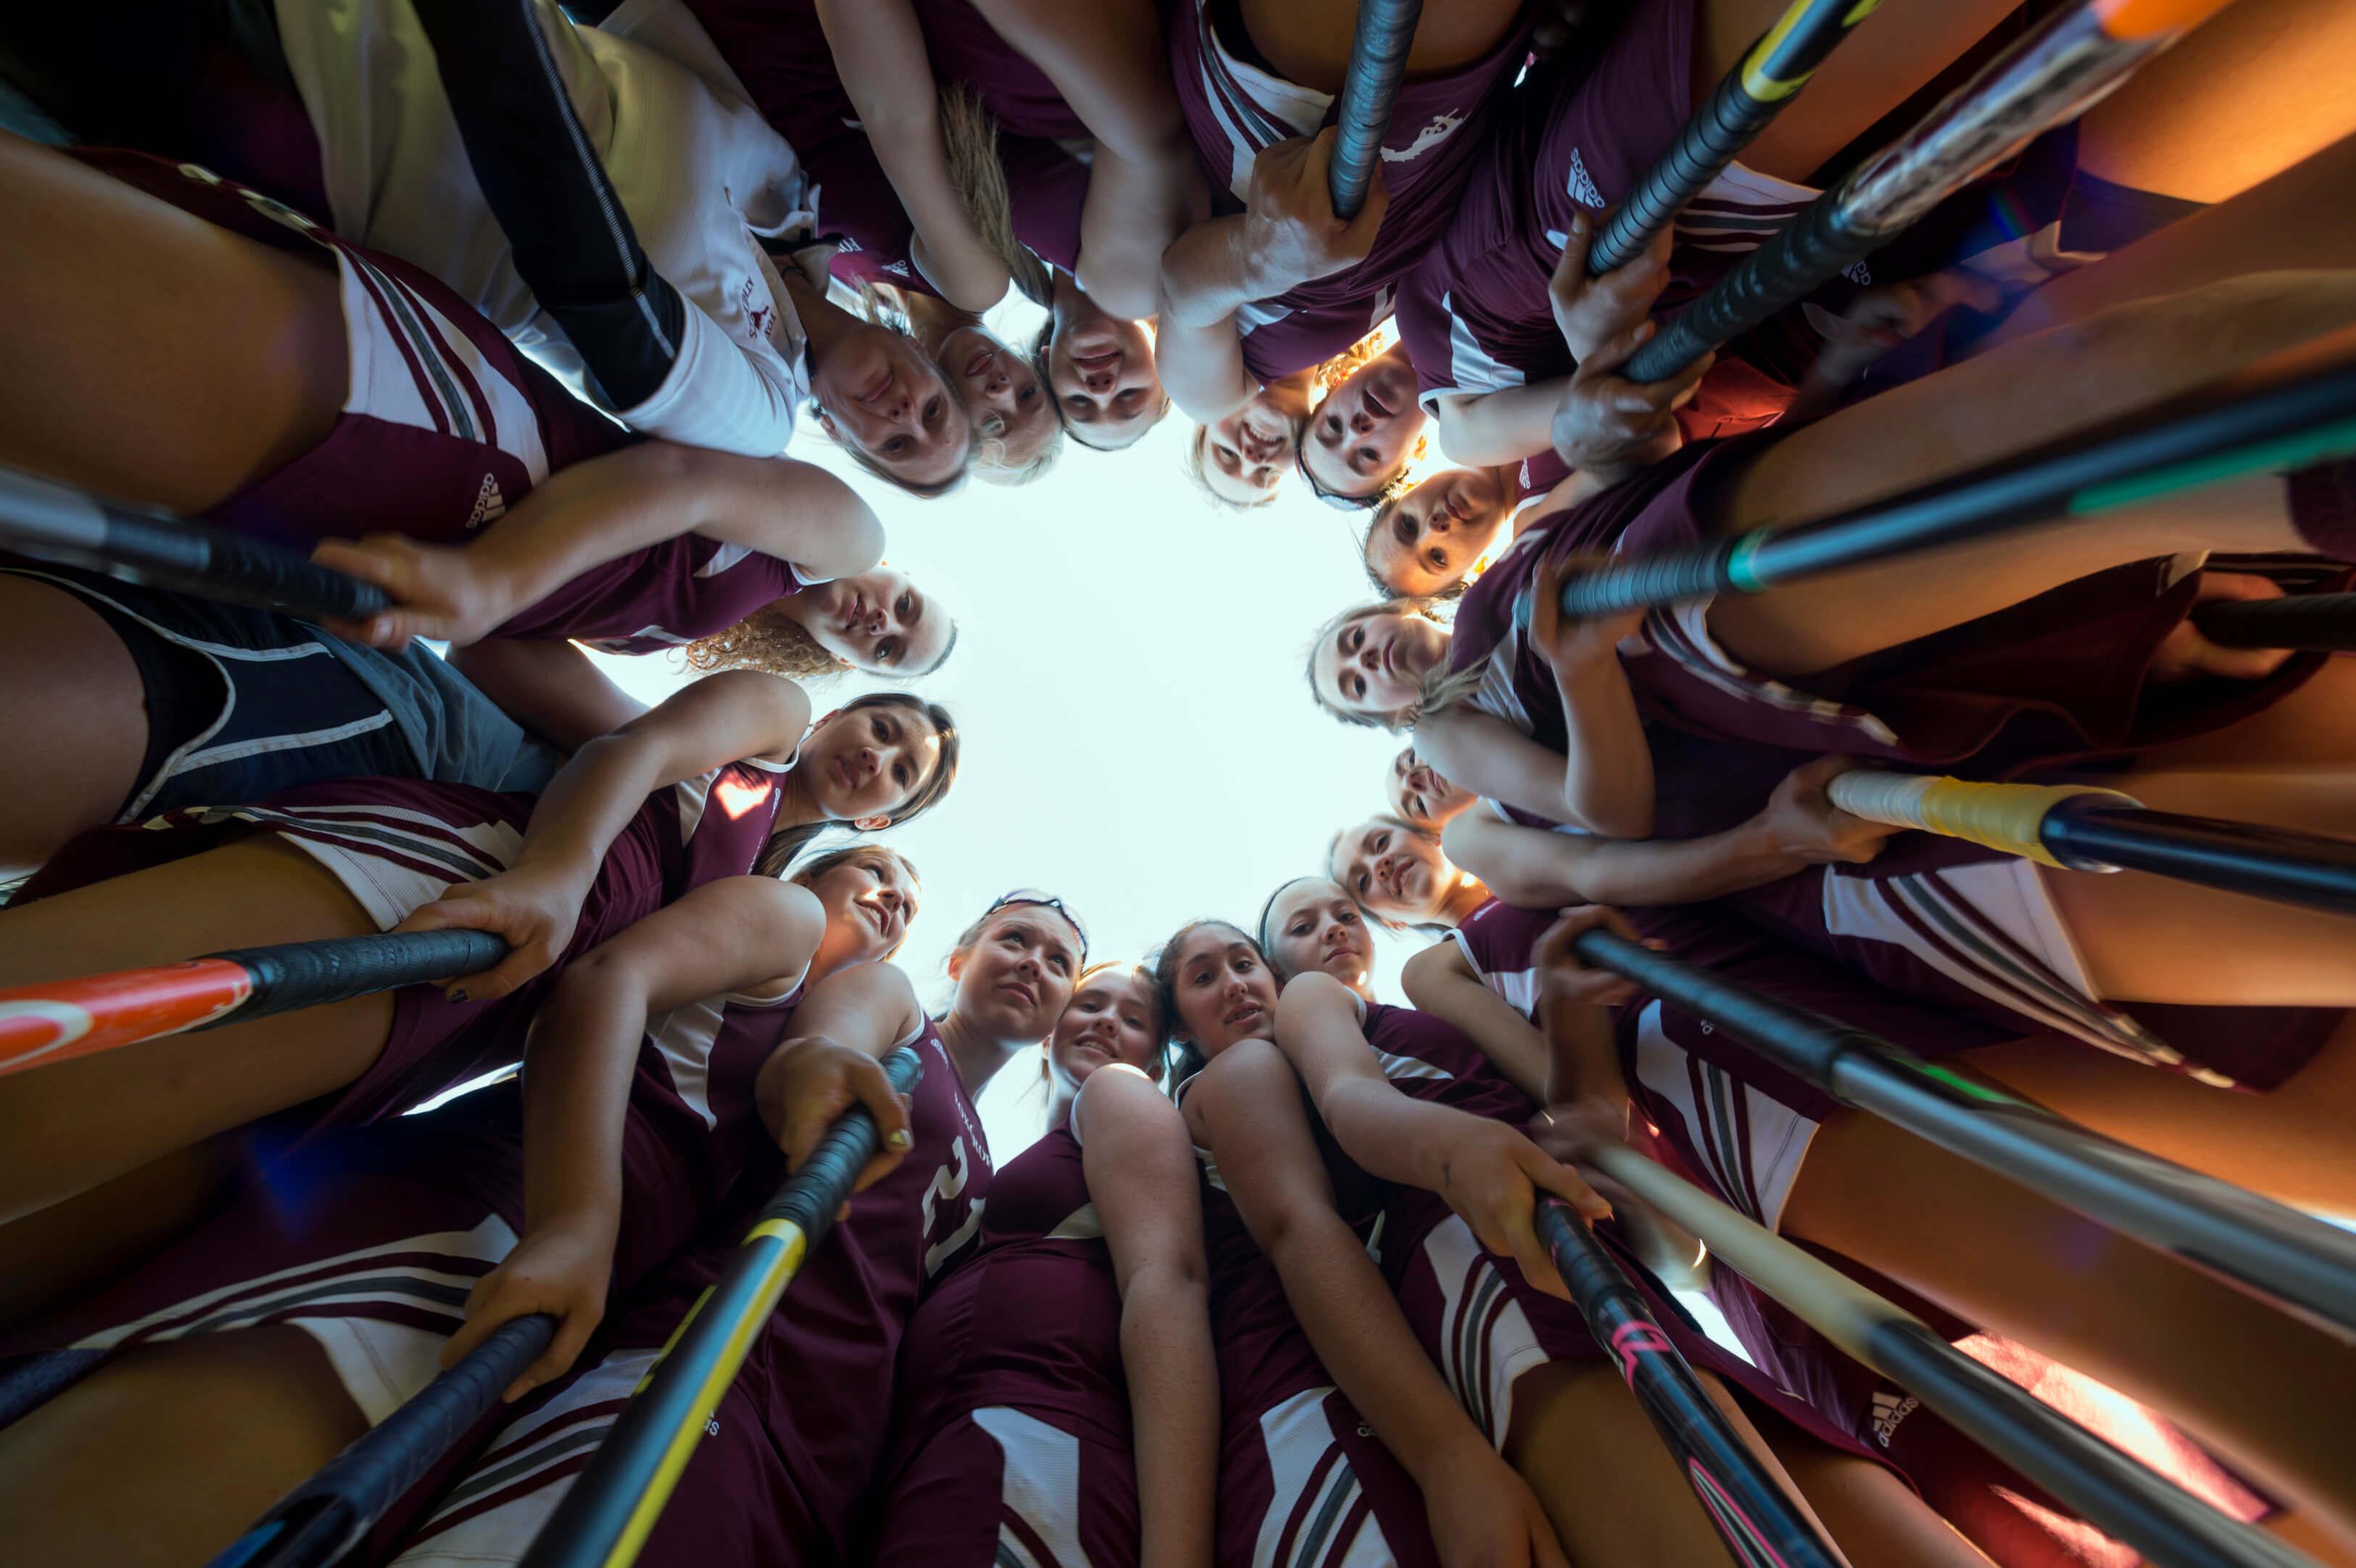 Skupina Selfie. Foxcroft Academy. MSM Academy